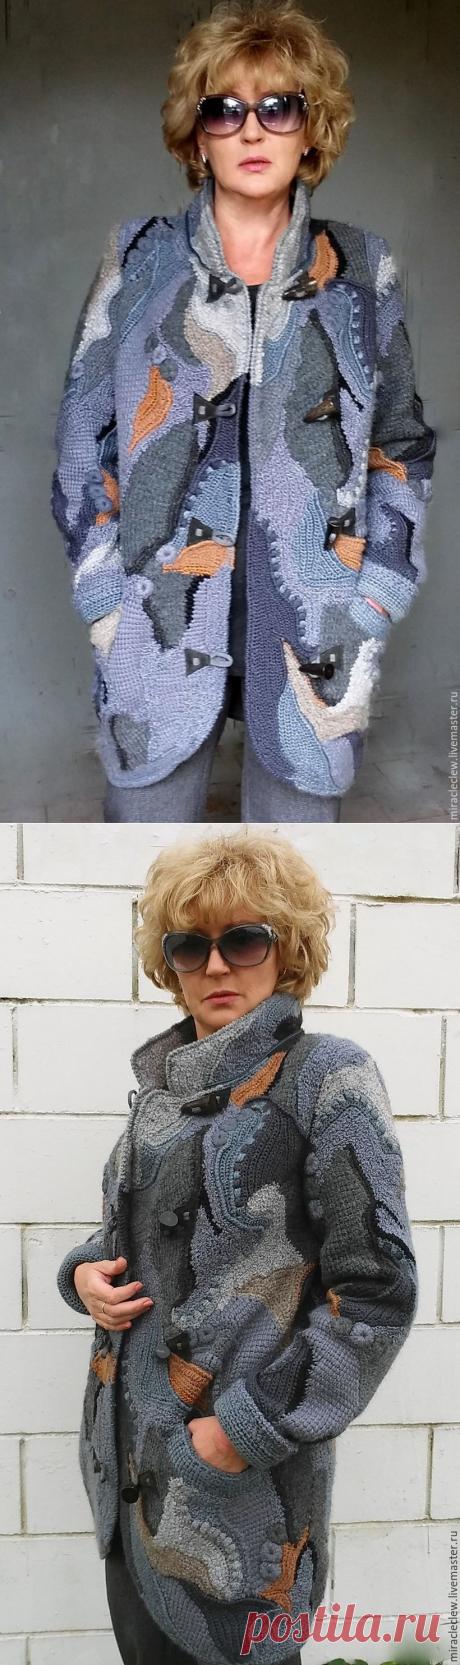 Вязаное крючком пальто/кардиган в стиле фриформ, пэчворк, бохо – купить в интернет-магазине на Ярмарке Мастеров с доставкой - A4CZLRU | Москва